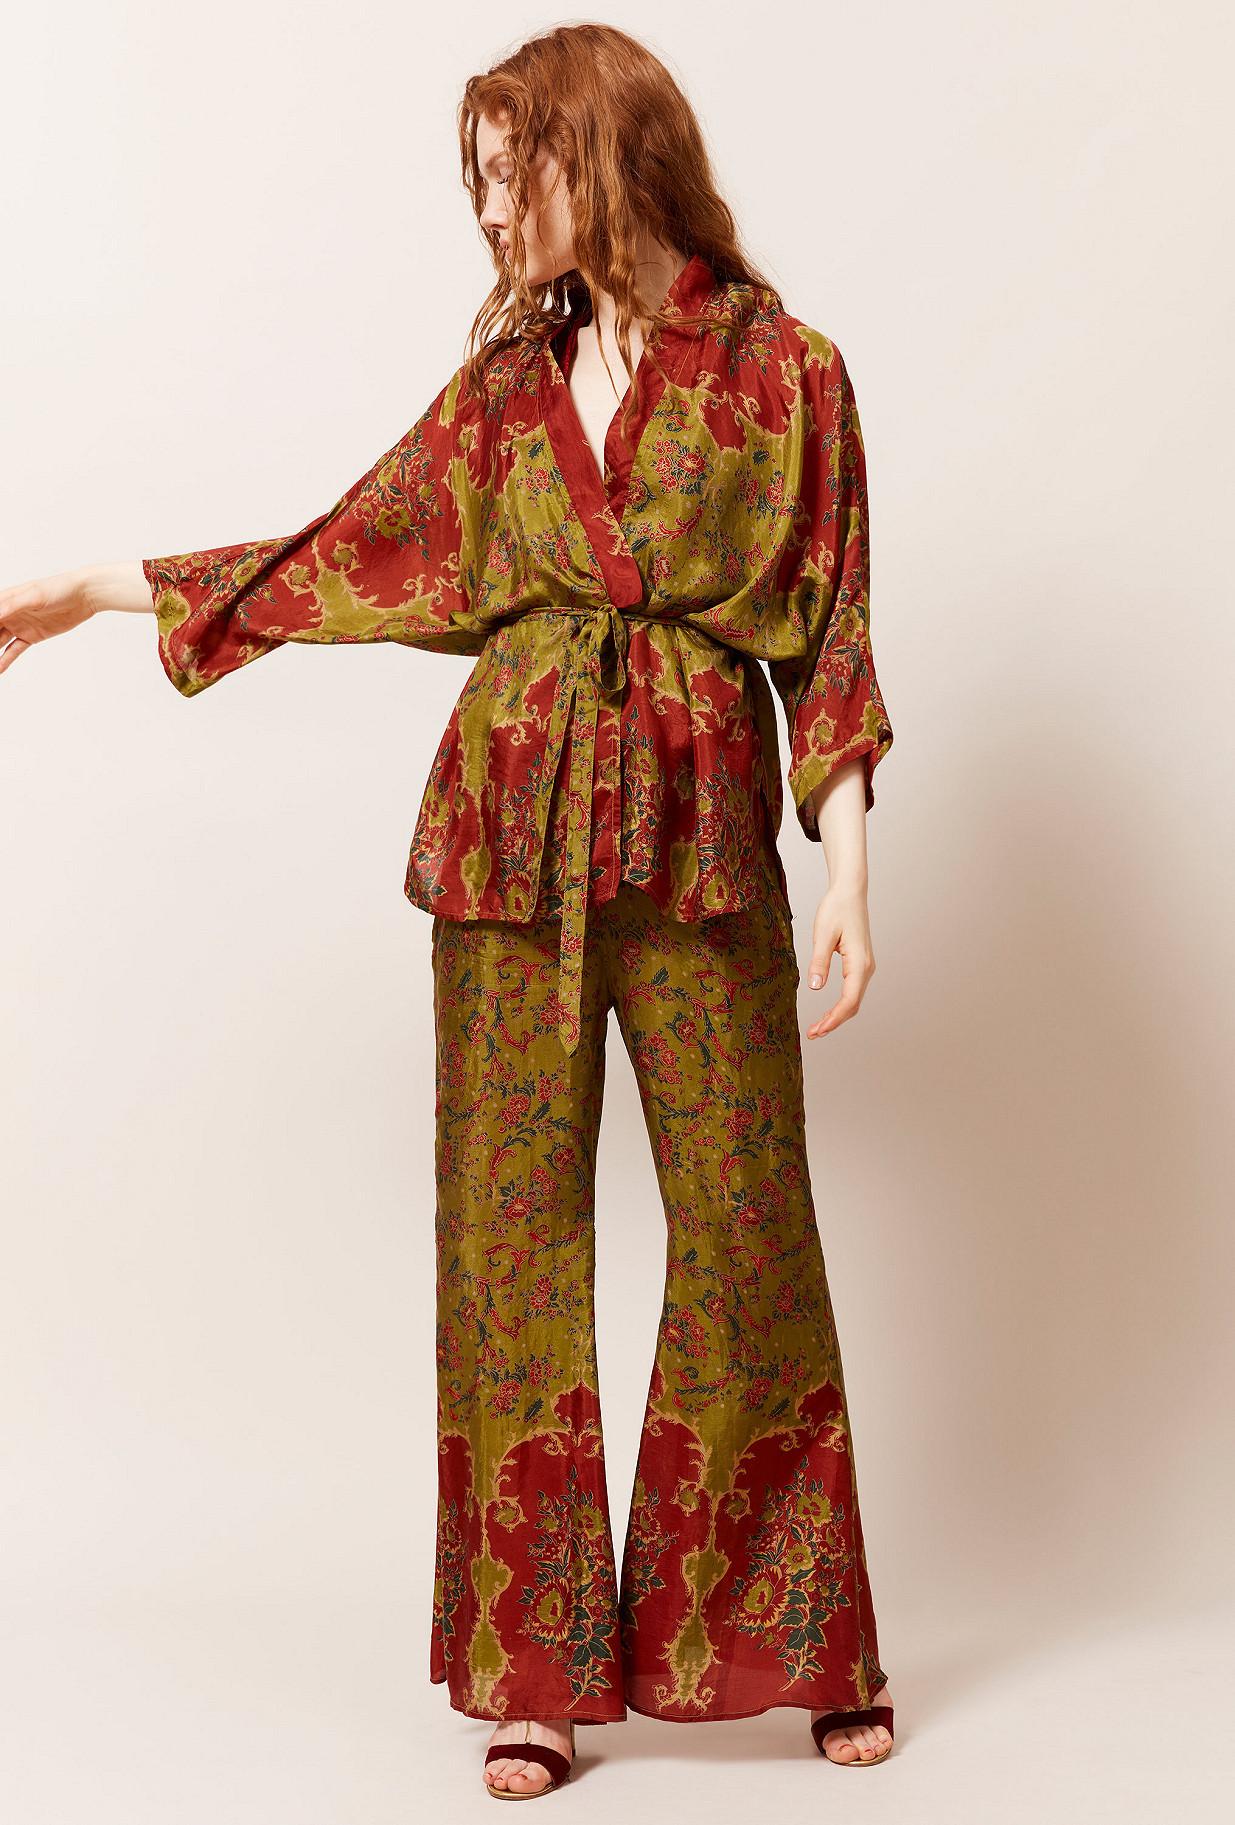 Kimono Imprimé vert  Davince mes demoiselles paris vêtement femme paris